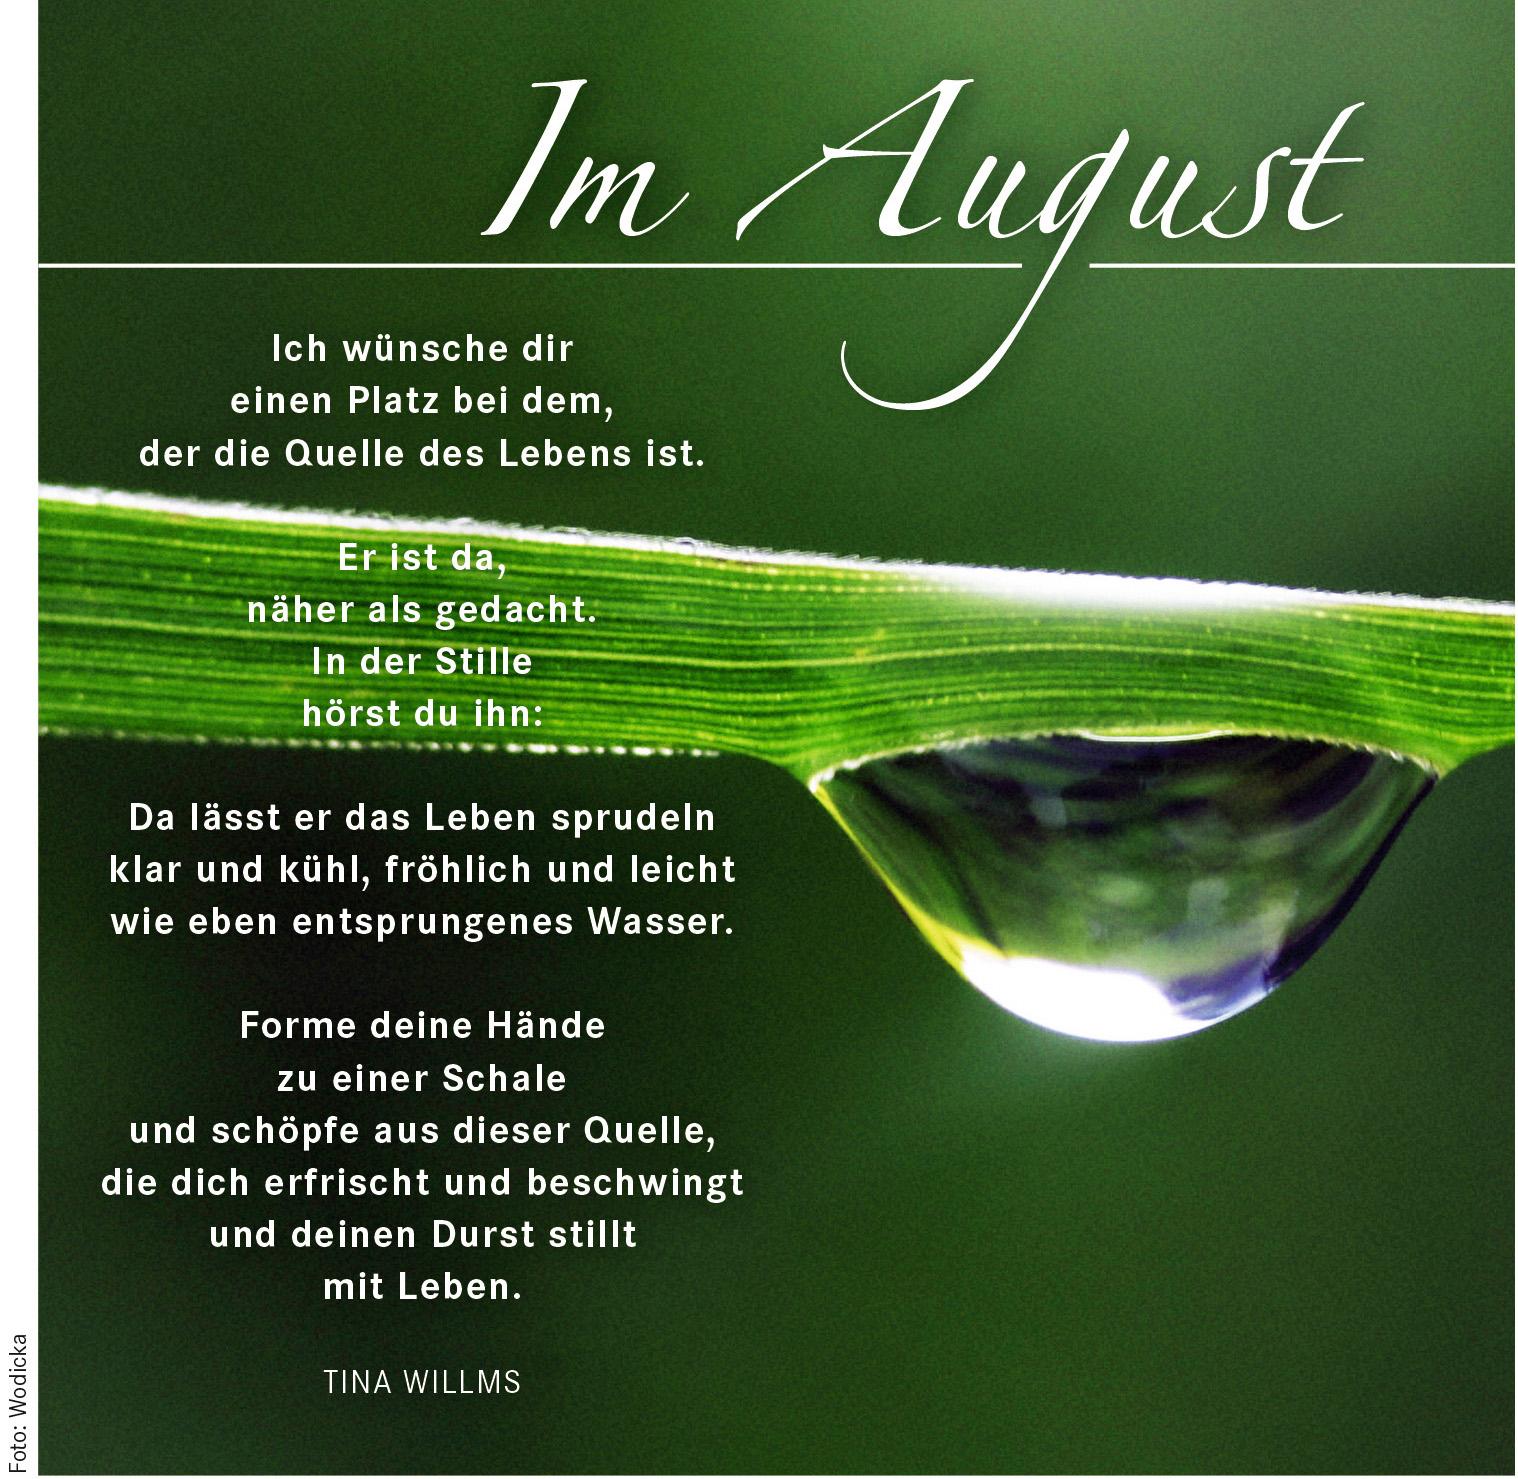 Spruch-08 Im August 165_3801_rgb